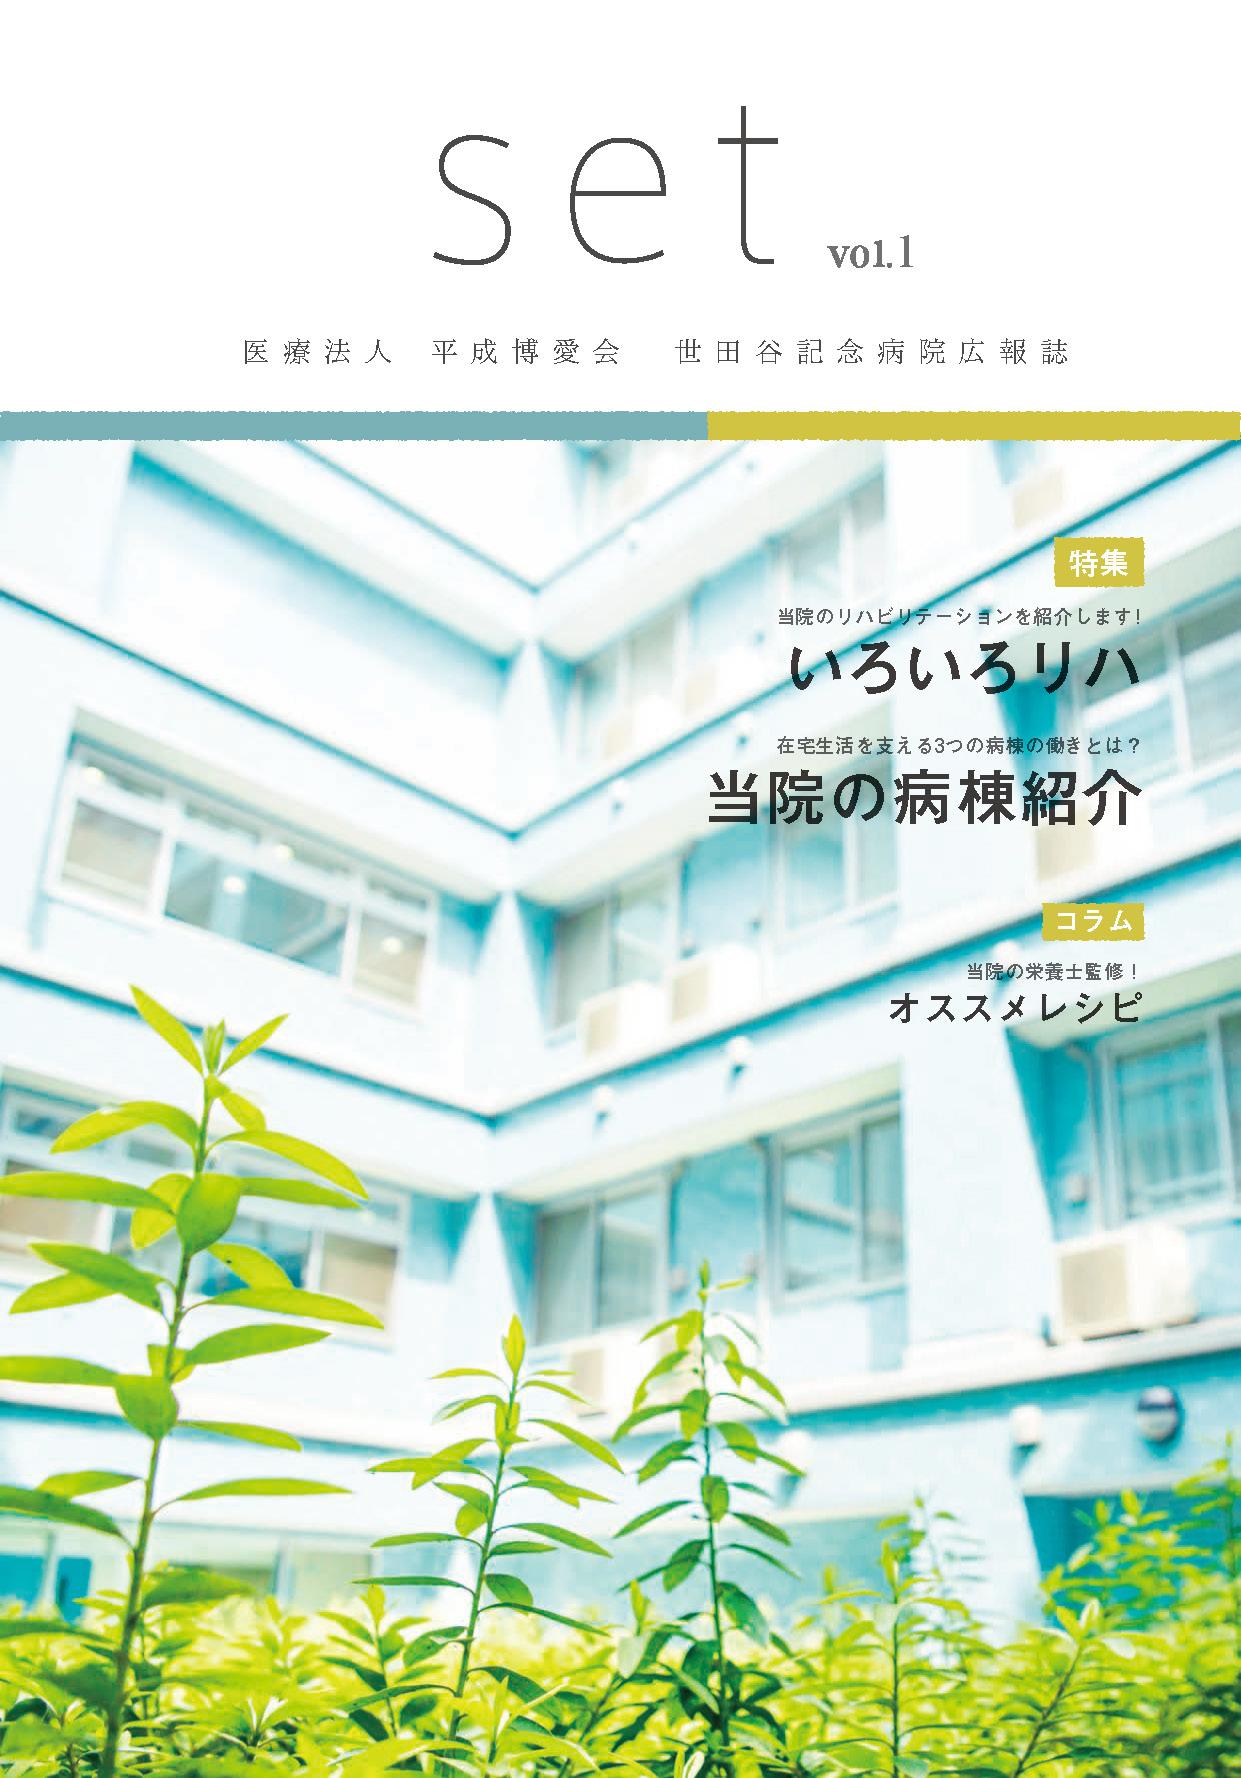 さくら vol.1